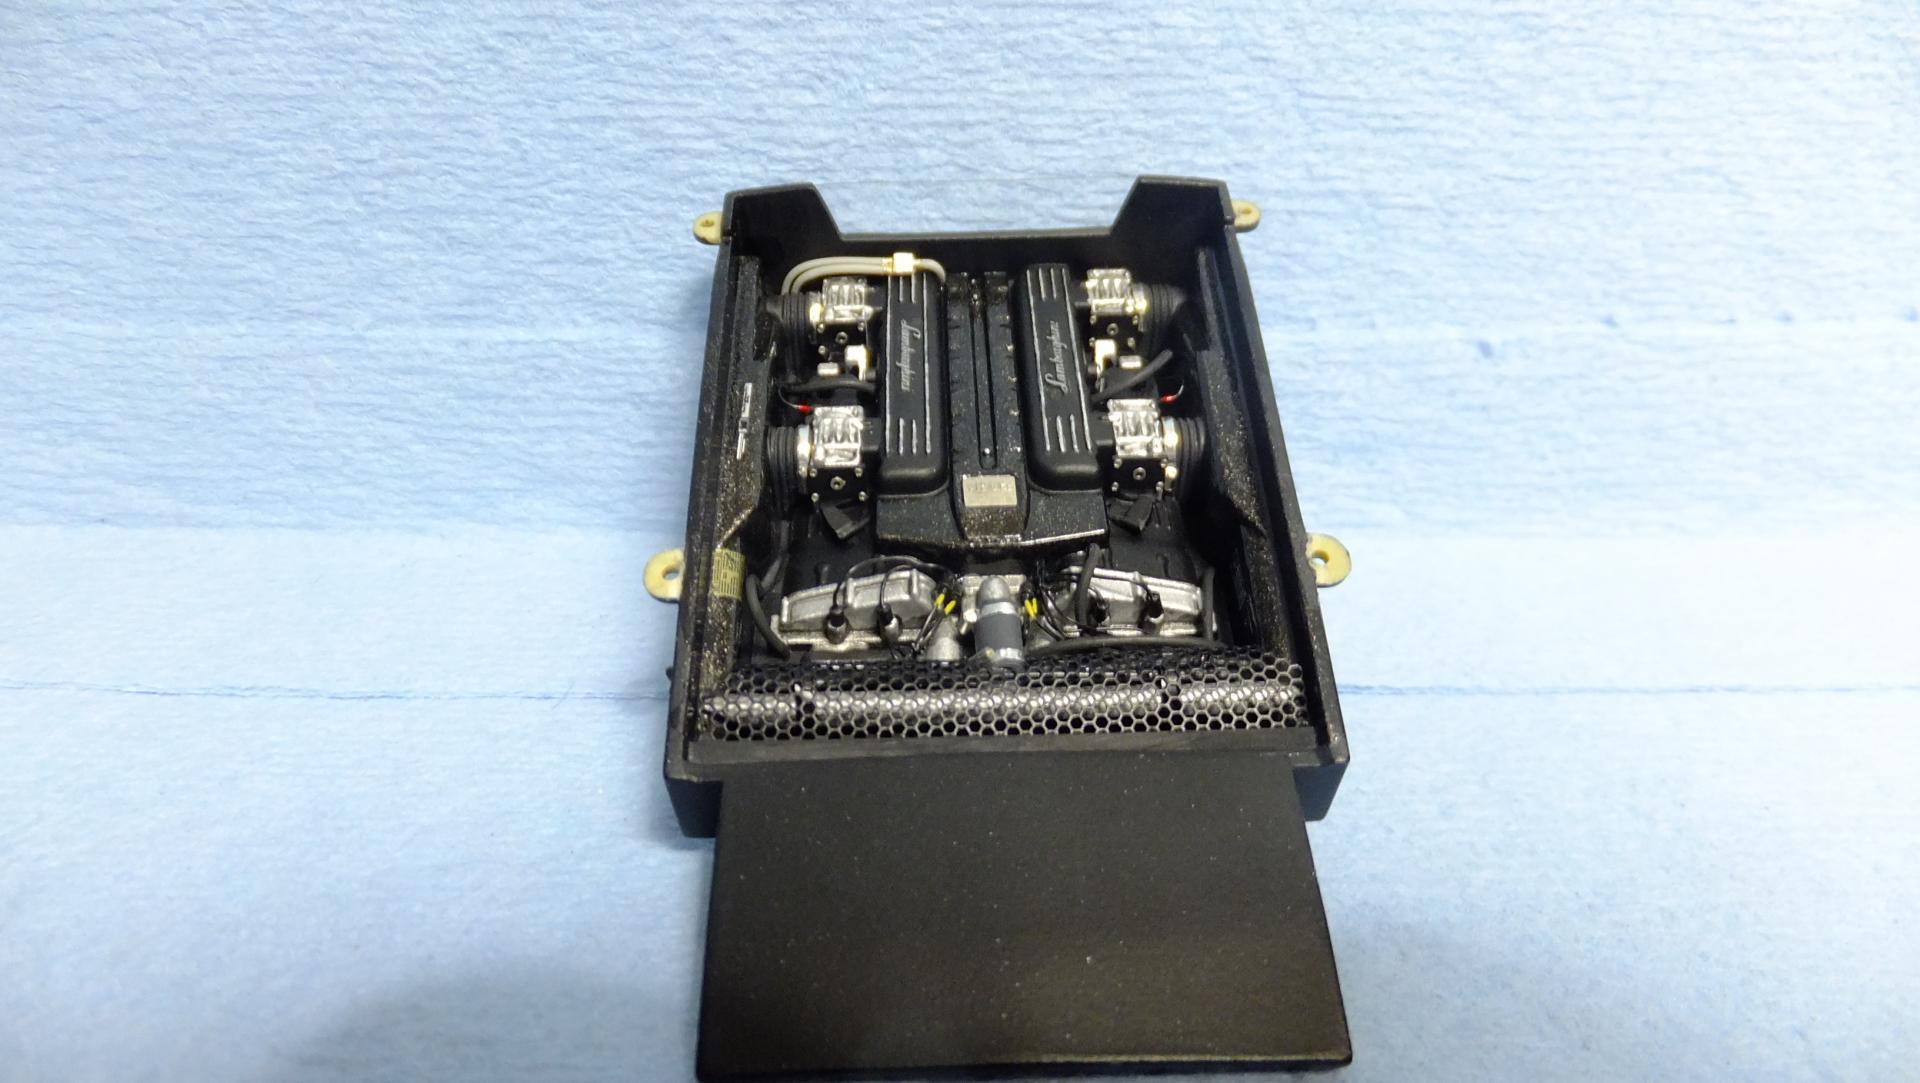 DSCF8339.JPG